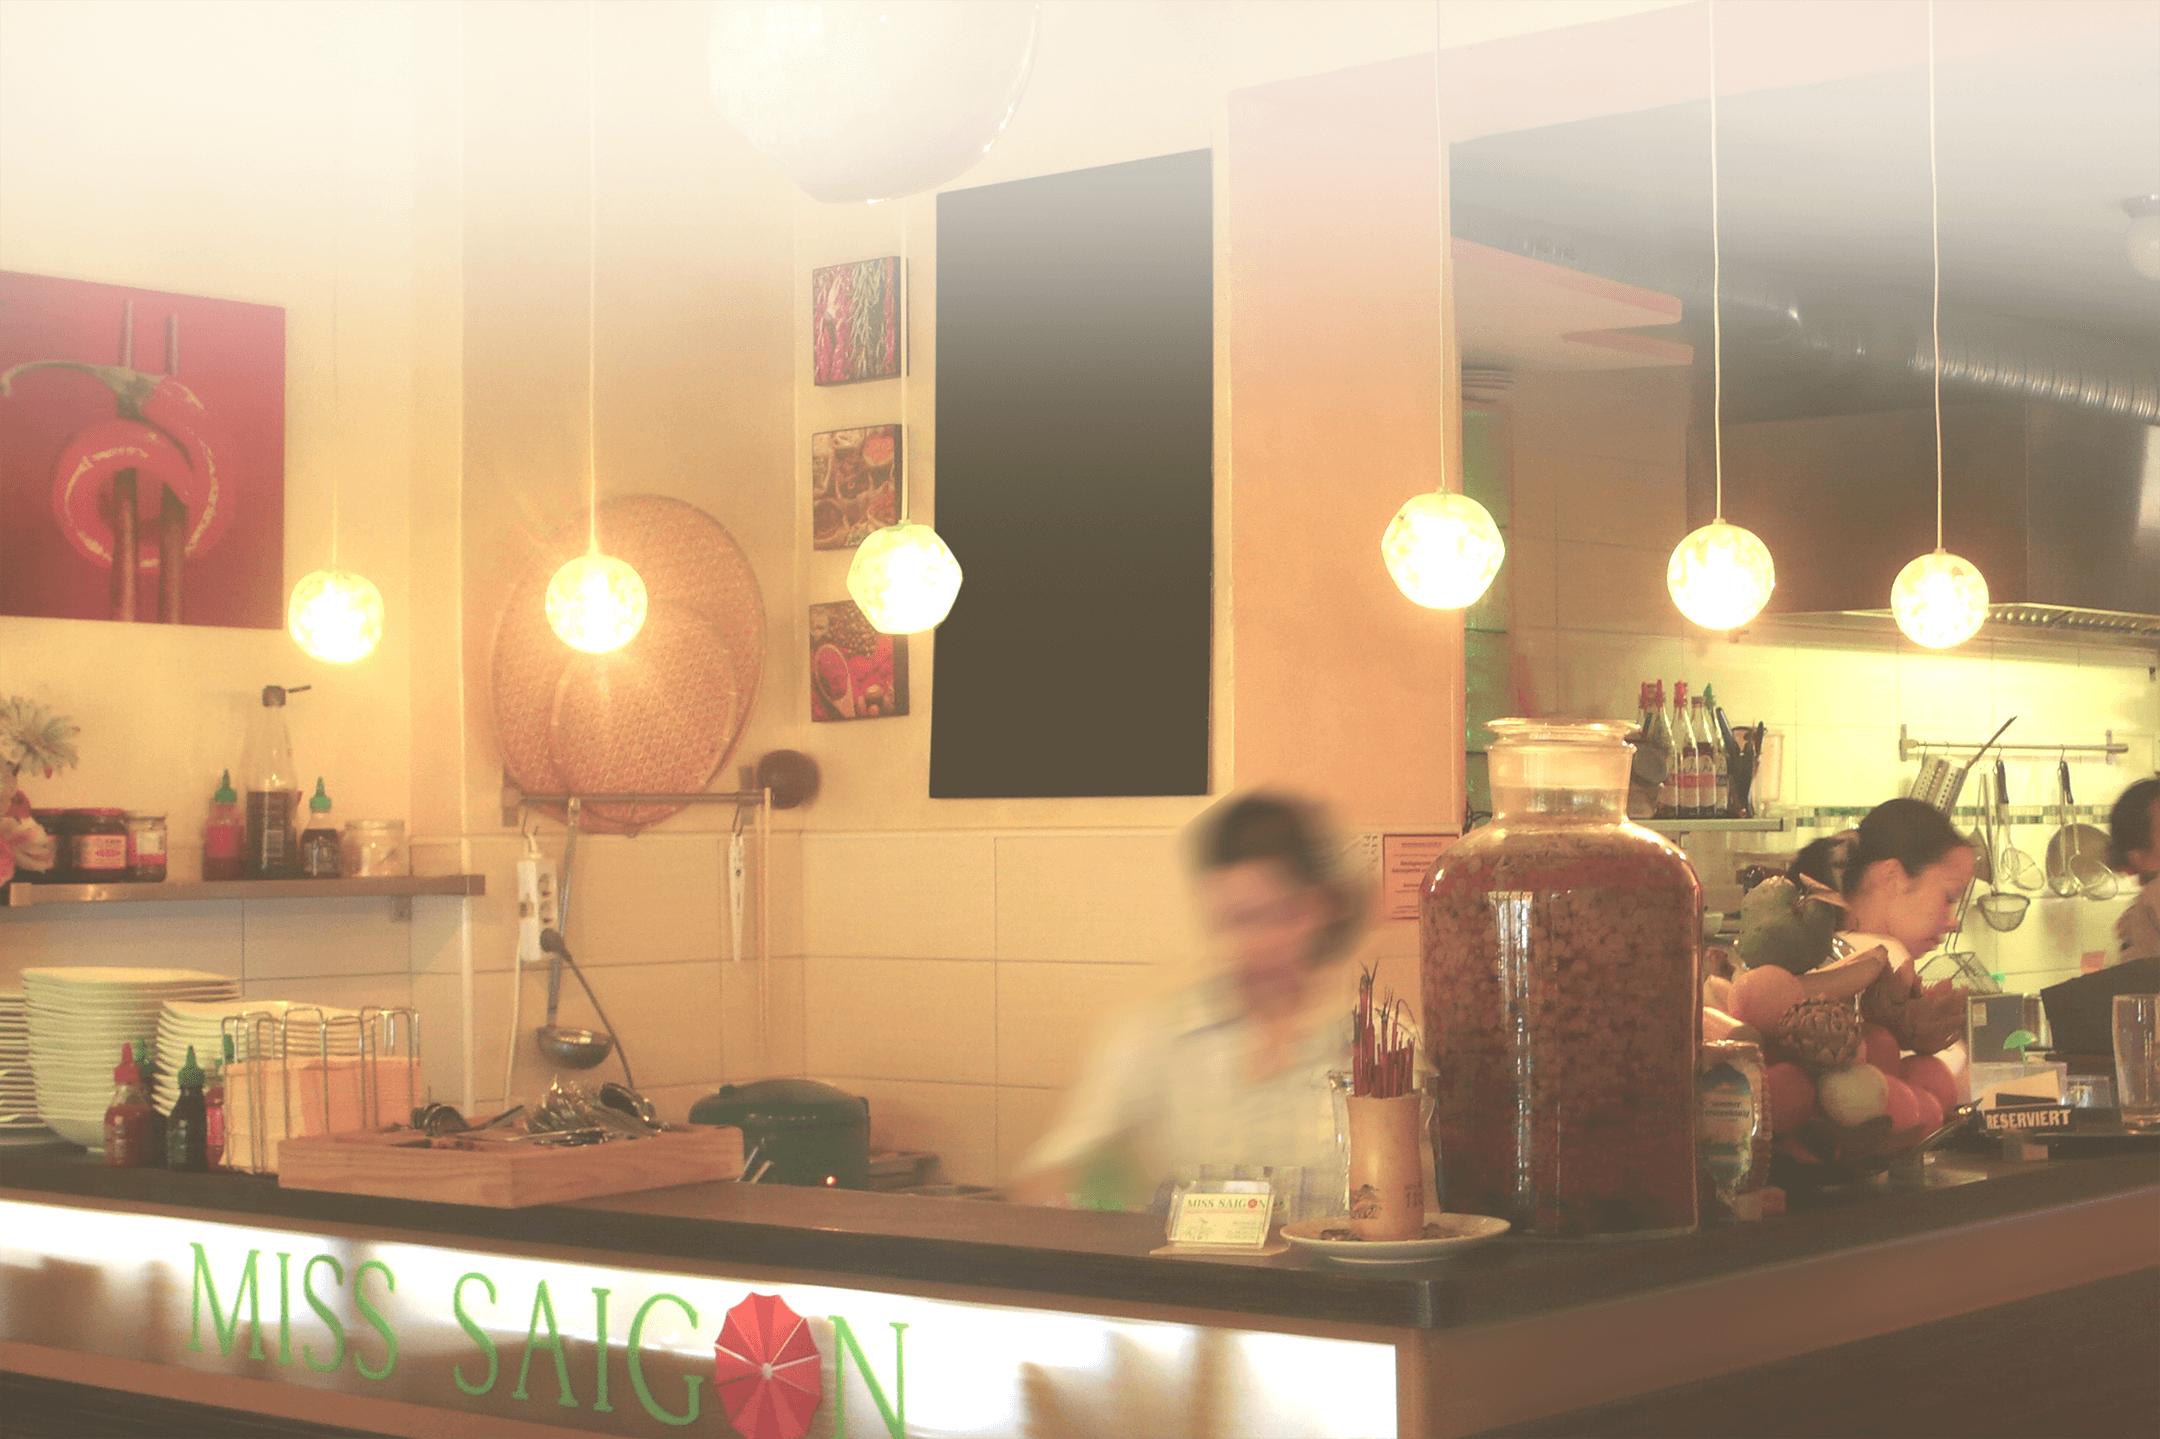 Bild Startseite Restaurant Miss Saigon - originalvietnamesische Küche in Kreuzberg - Friedrichshain